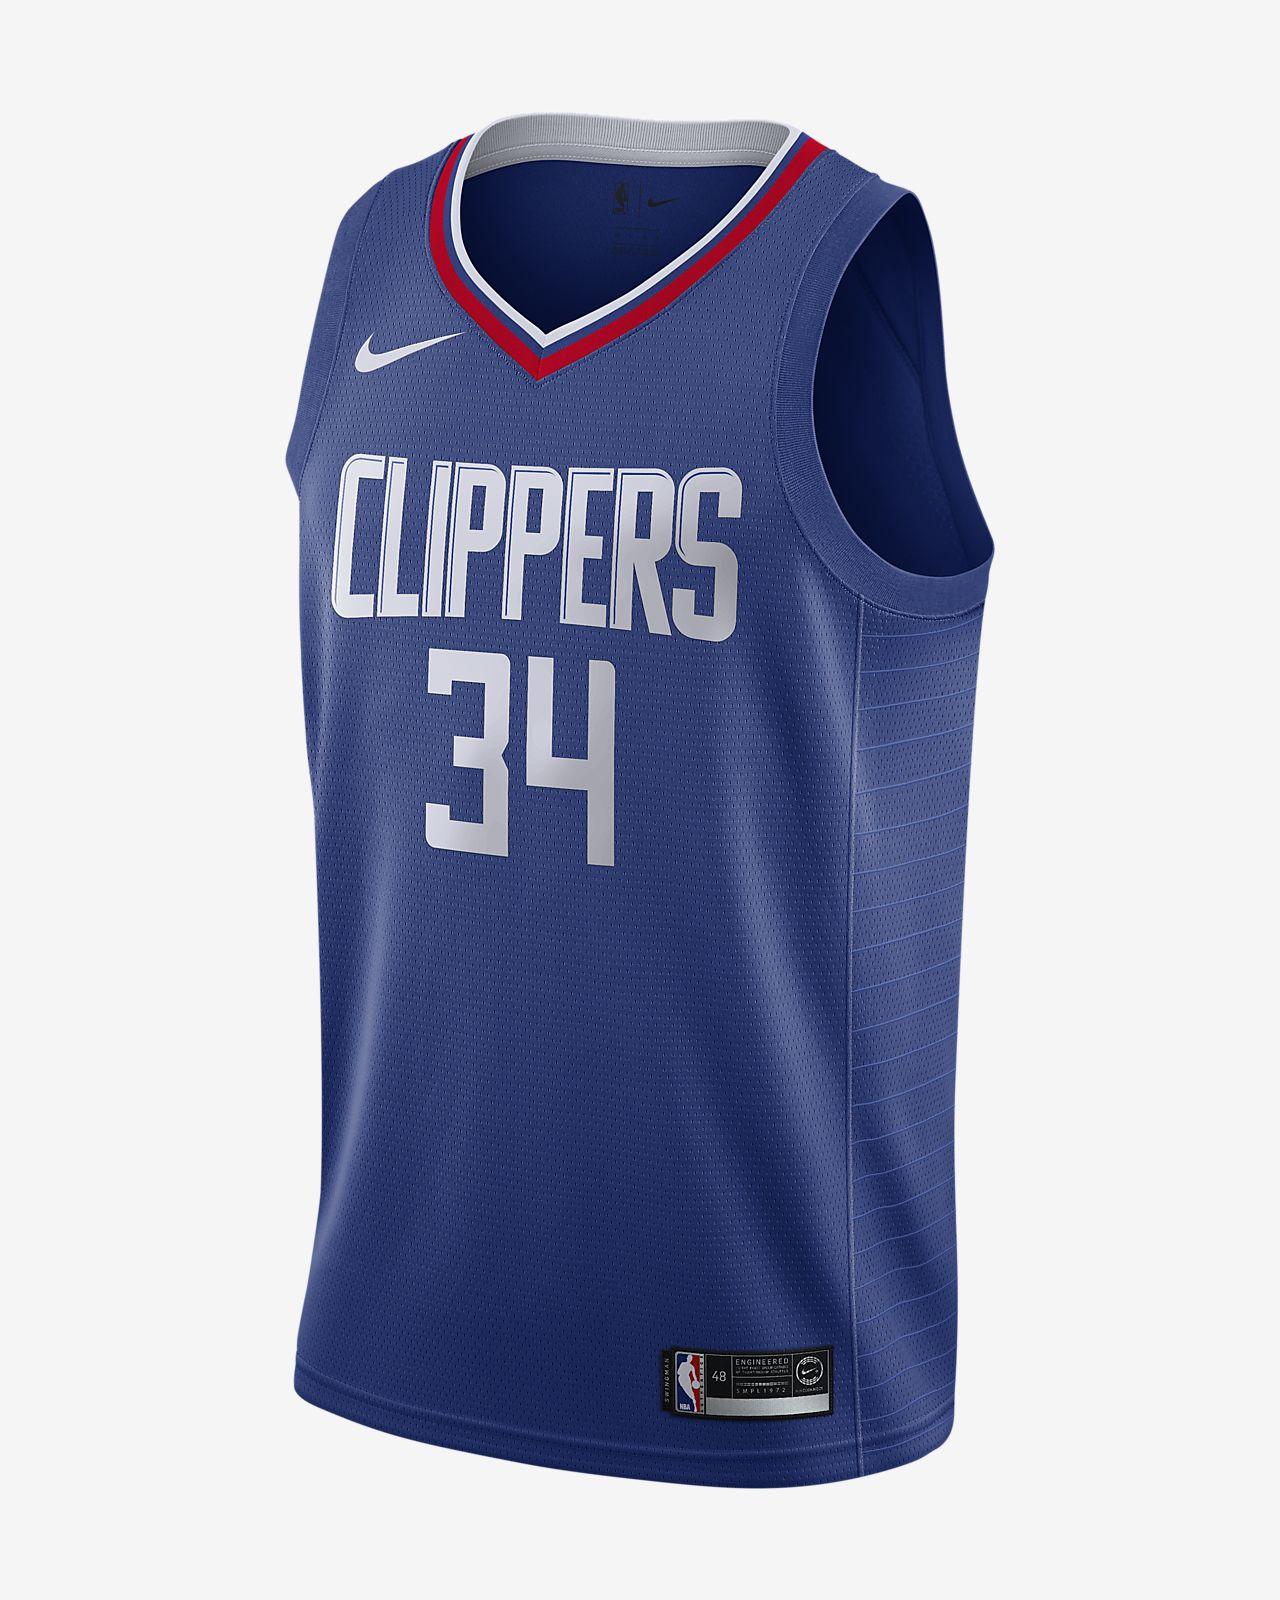 Maillot connecté Nike NBA Tobias Harris Icon Edition Swingman (LA Clippers) pour Homme